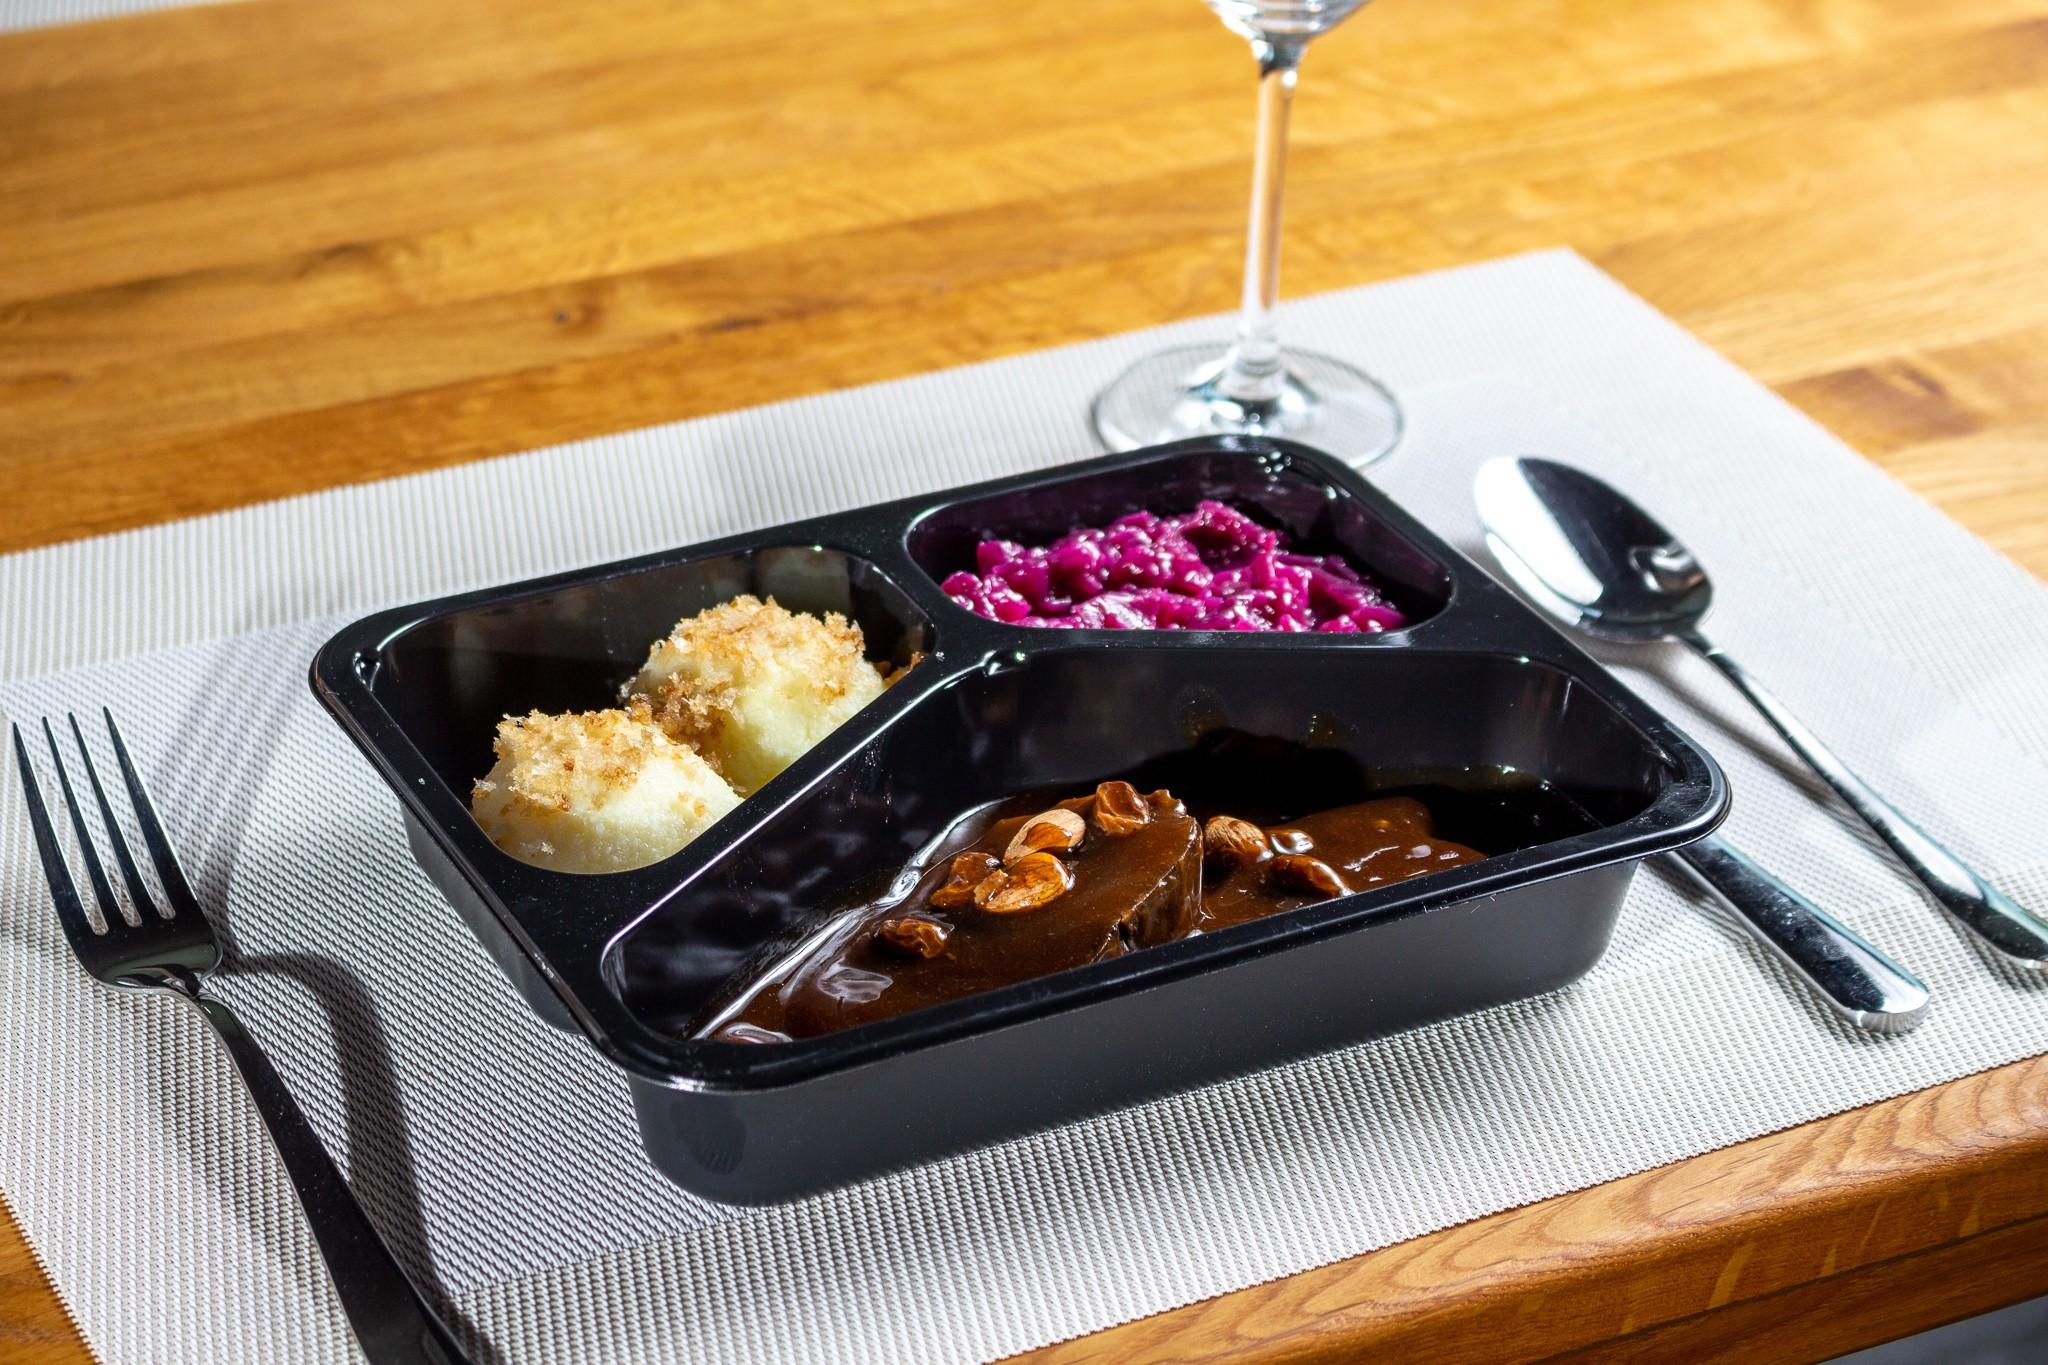 Leckere Menüschalen für zu Hause - Sauerbraten in Rosinensauce mit Apfelrotkohl und Kartoffelknödeln